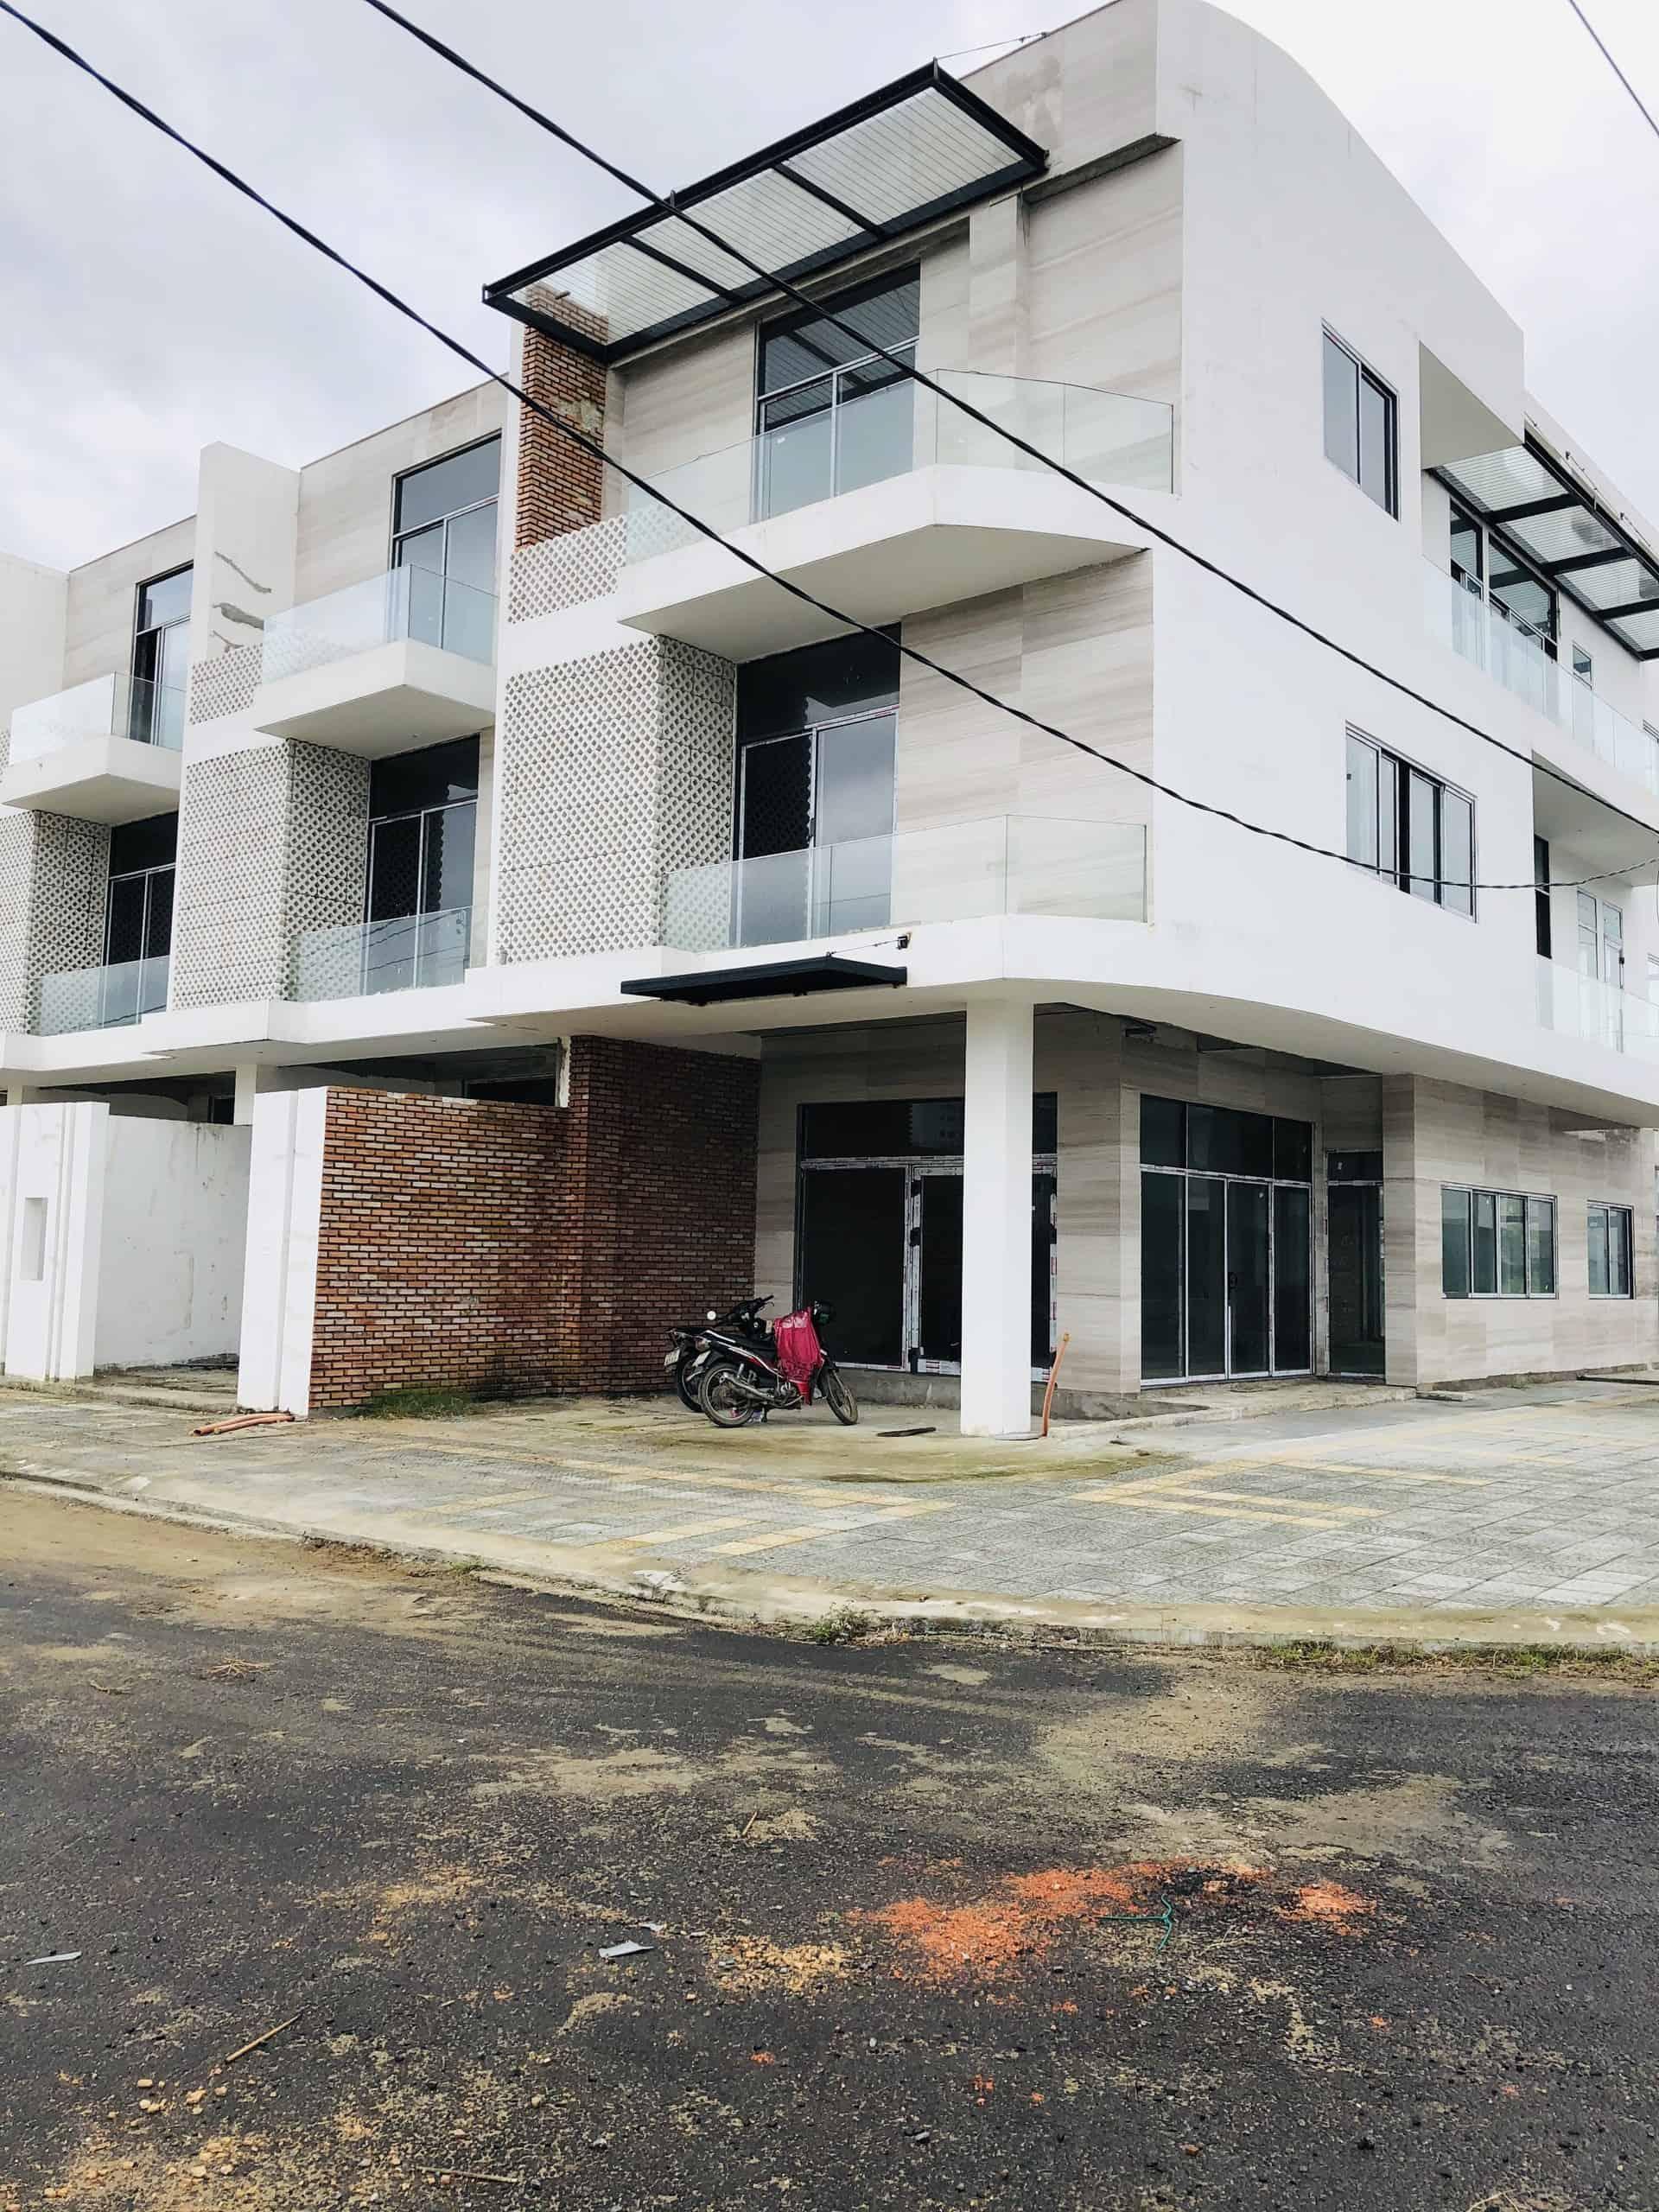 Bán nhà nằm trên quỹ đất ven sông Hàn cuối cùng của Đà Nẵng, giá cực kì ưu đãi